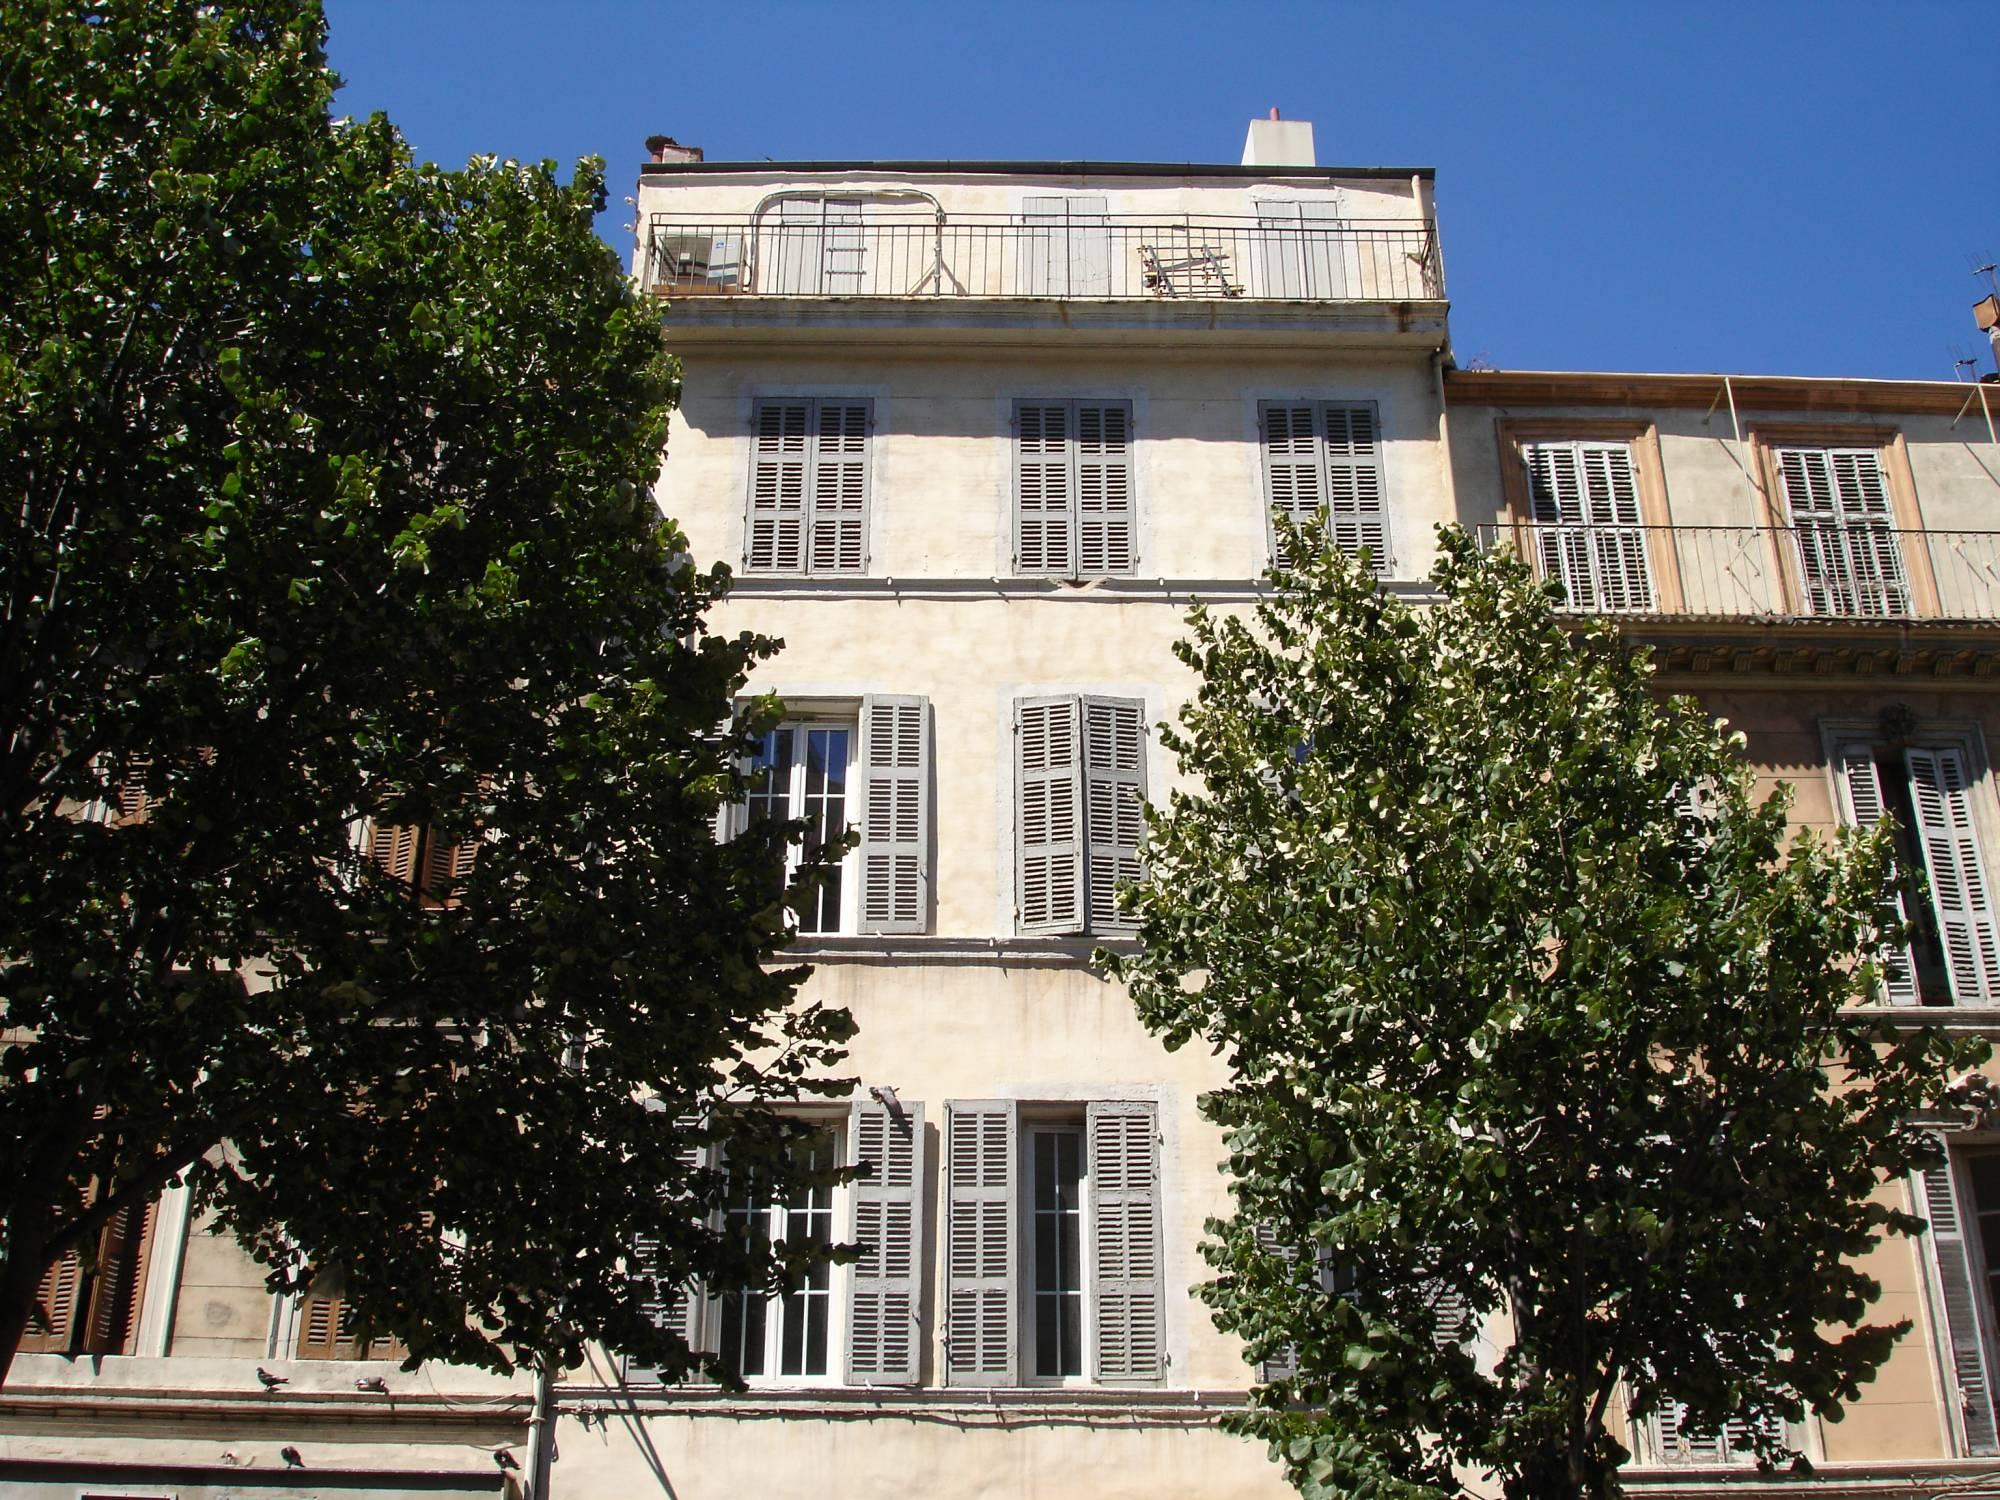 Appartement t3 à louer Cours Julien 13006 Marseille